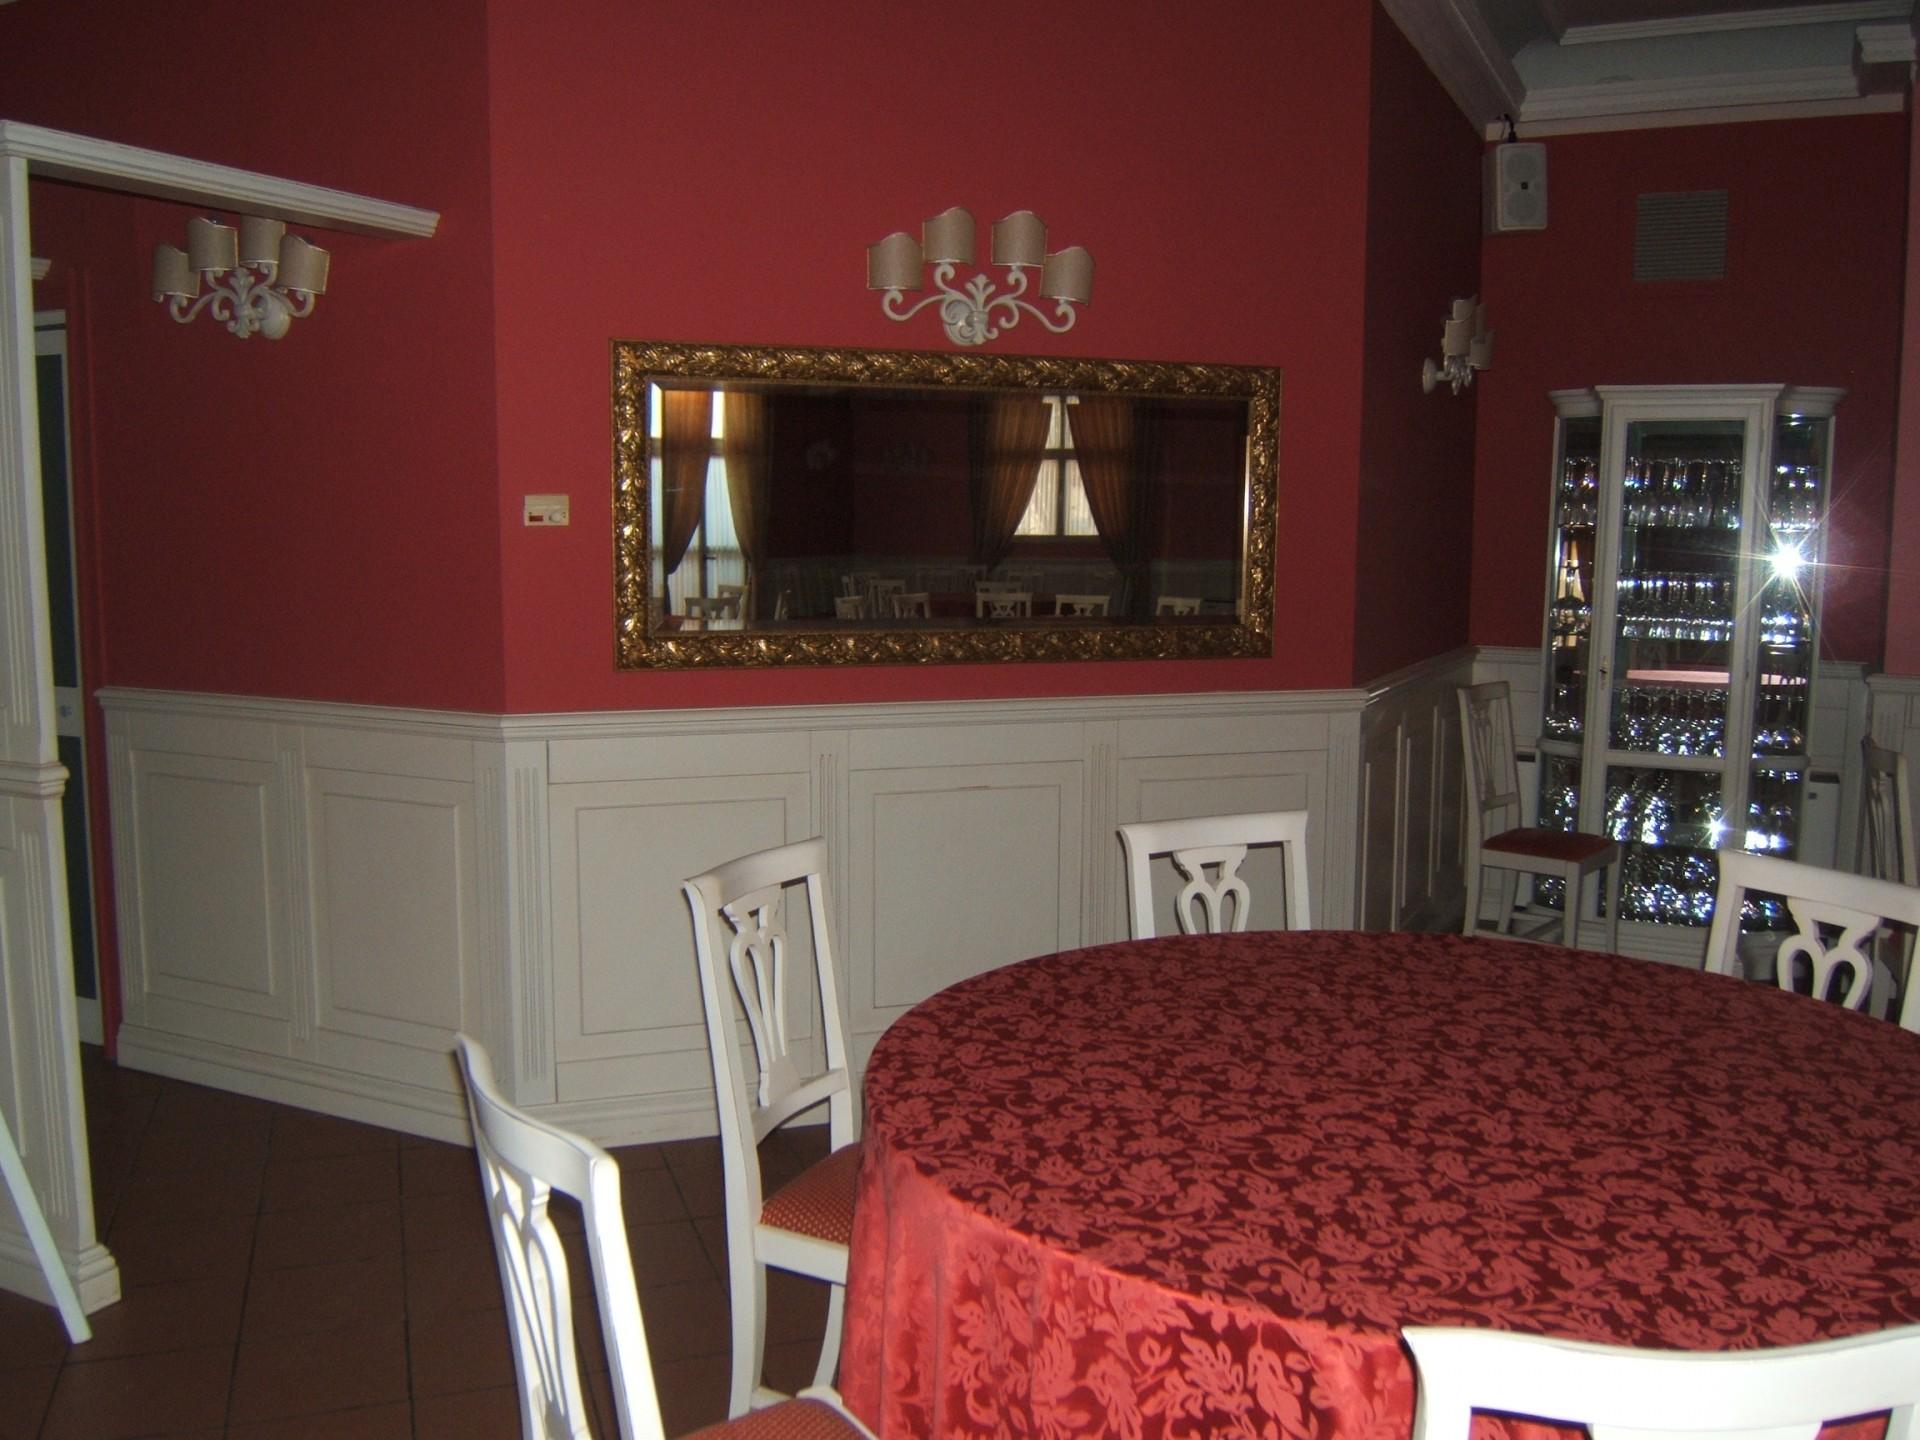 Arredamento per sala ristorante fadini mobili cerea verona for Arredamento bologna